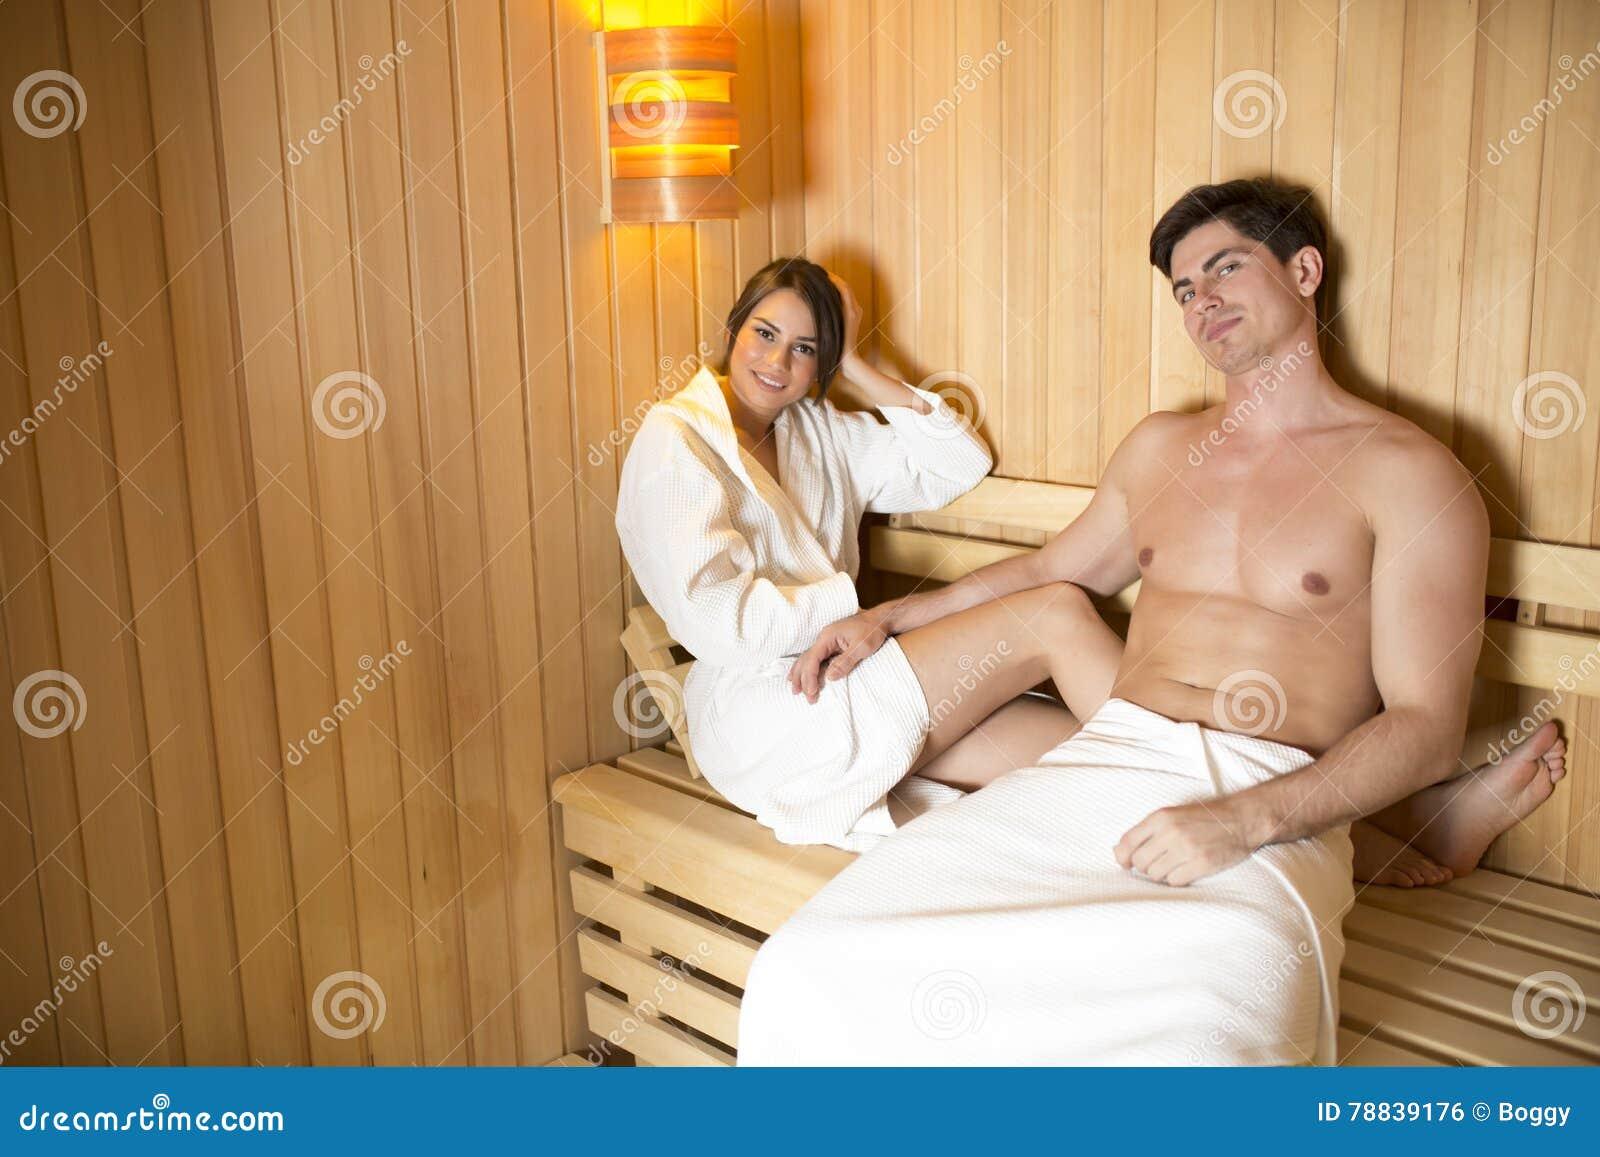 Русские студенты ебутся в бане, Студенты в сауне -видео. Смотреть Студенты 39 фотография